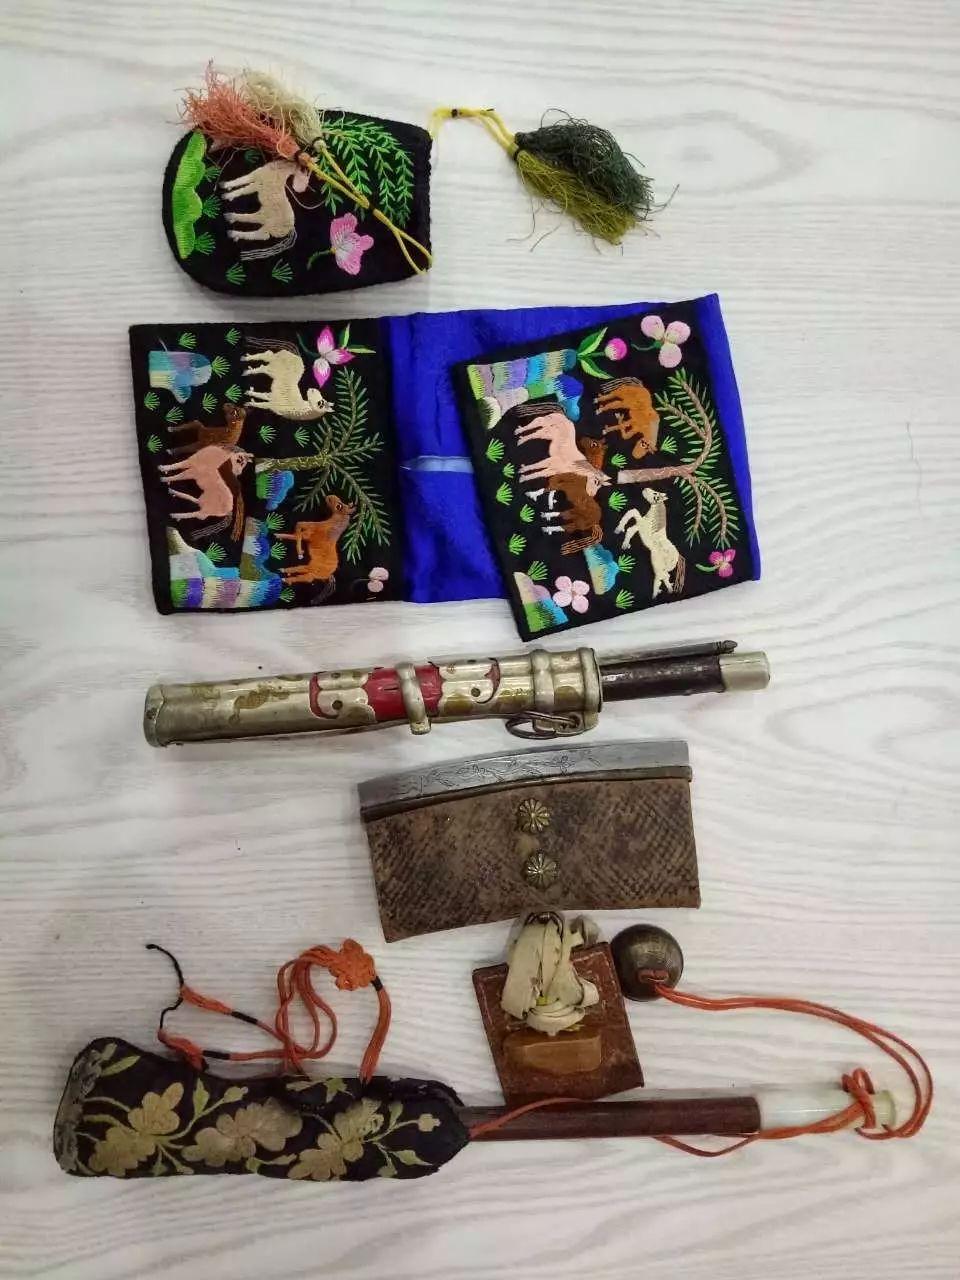 蒙古族青年宝尔金创办民俗文化展厅,看看都收藏了哪些物件? 第18张 蒙古族青年宝尔金创办民俗文化展厅,看看都收藏了哪些物件? 蒙古工艺